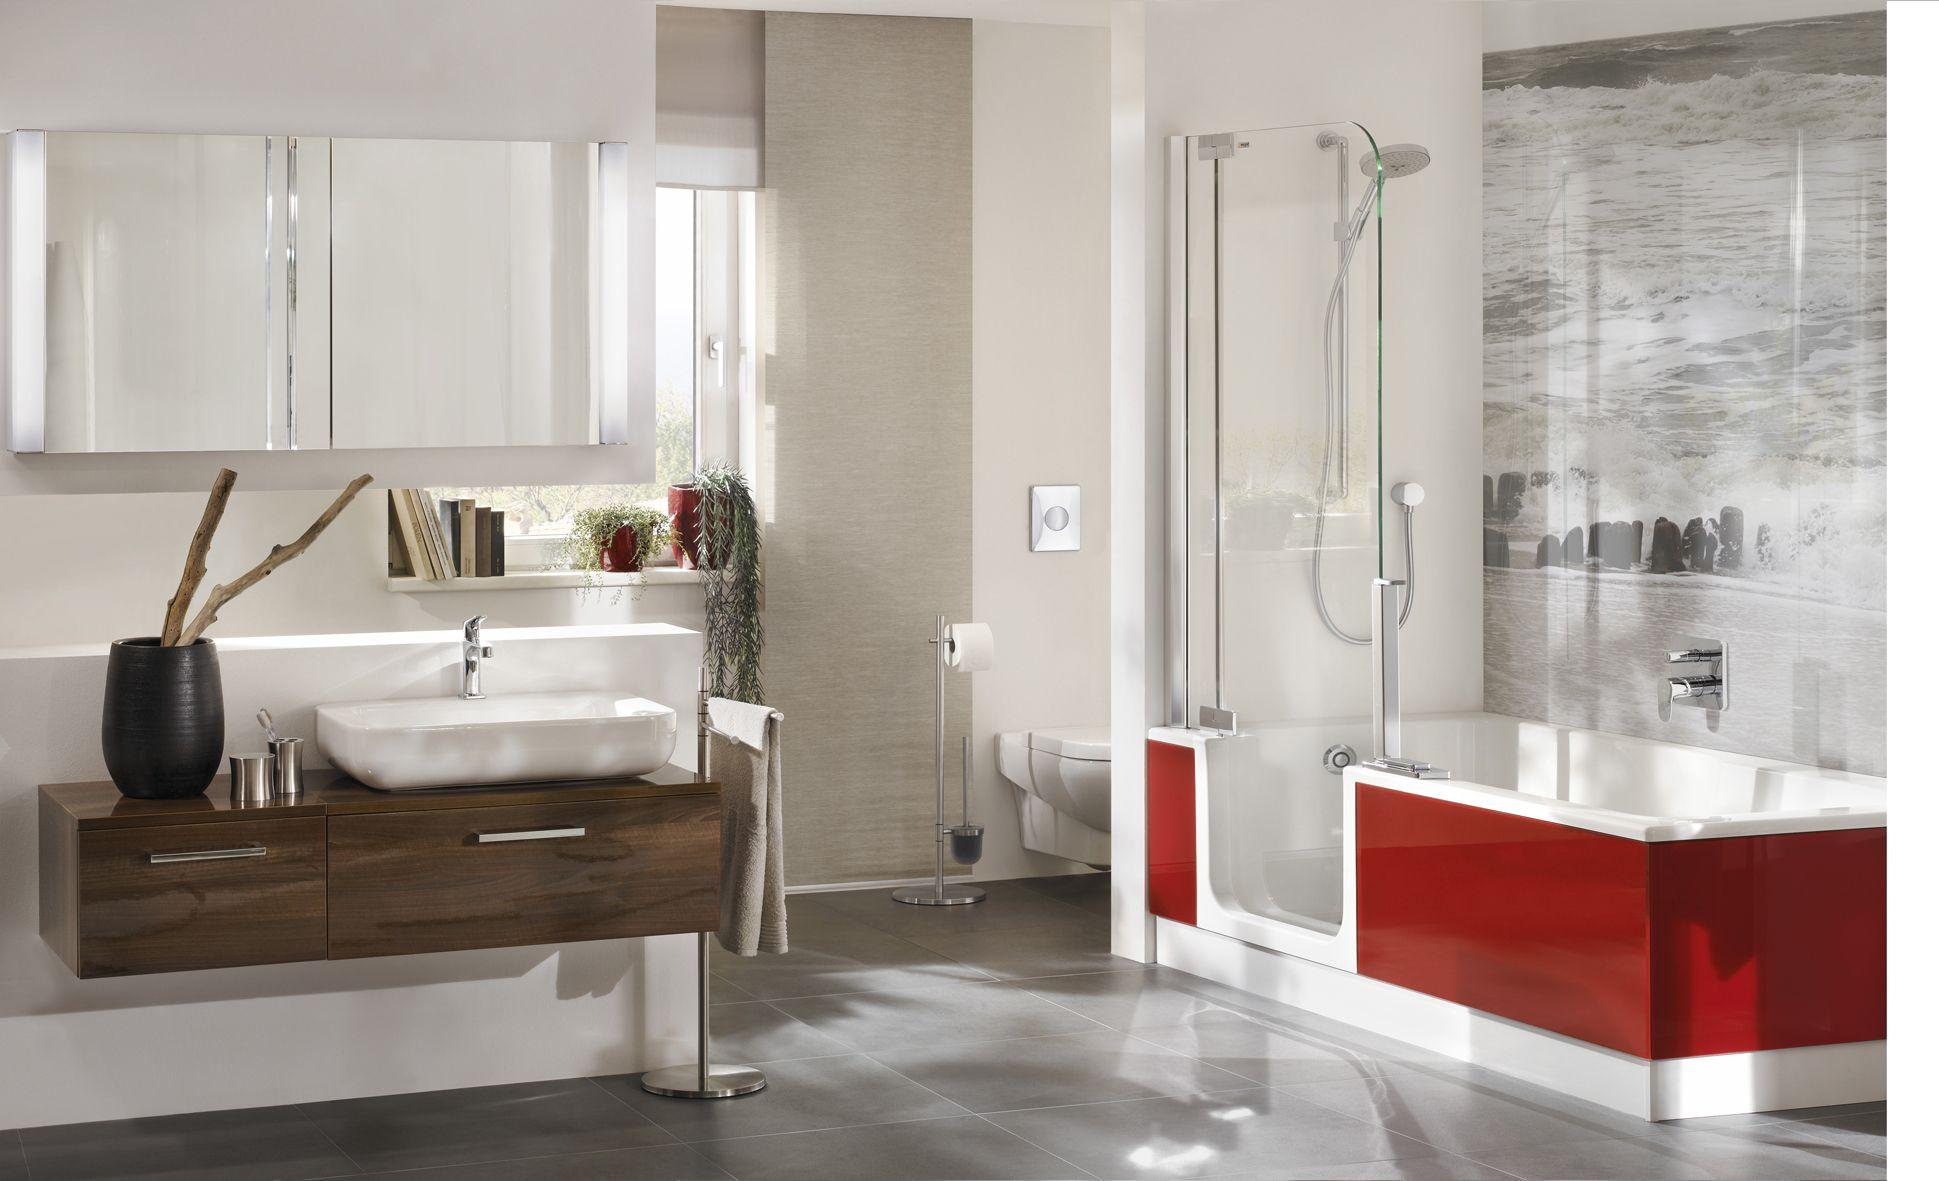 Die edle bordeauxfarbene glassch rze bei der duschbadewanne twinline 2 verbunden mit einer - Edle badezimmer ...